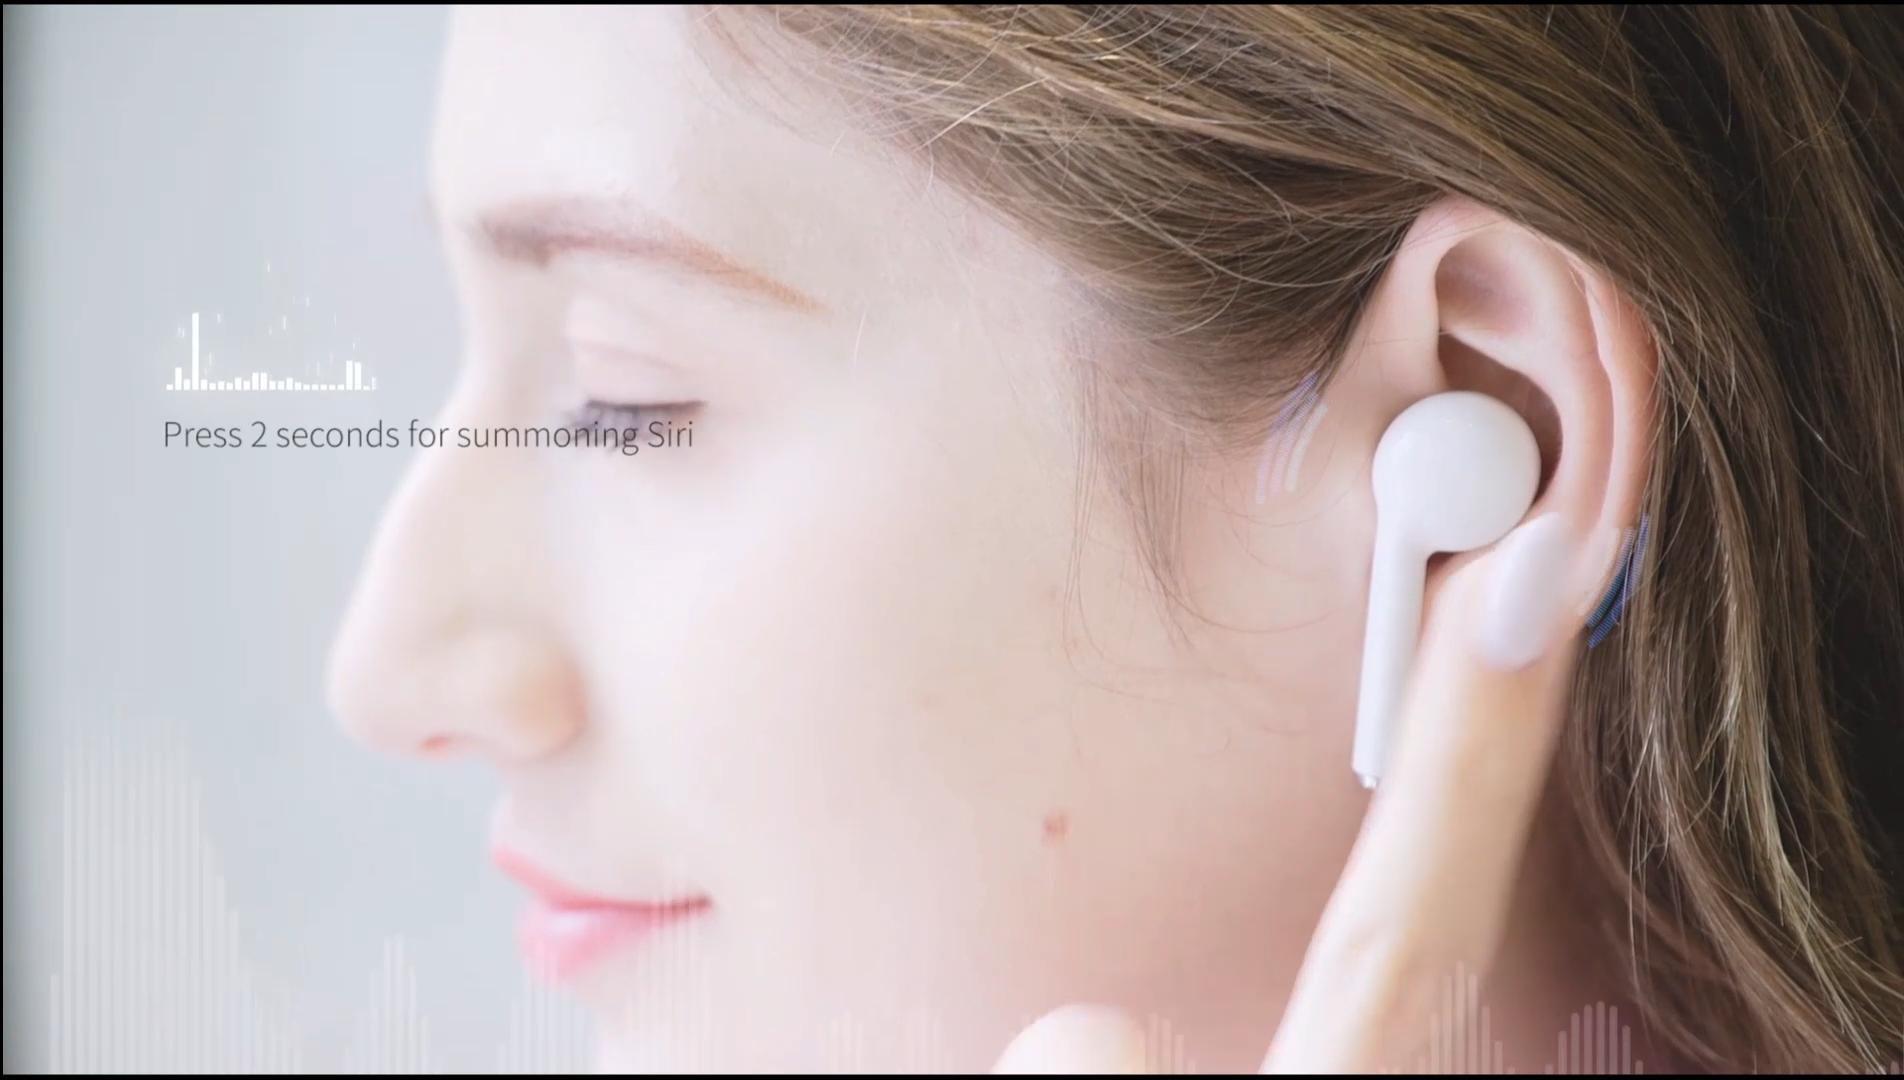 Enle-auriculares tws inalámbricos con bluetooth 5,0, marca oem, marca BJBJ 5,0, charol, en oferta, Amazon